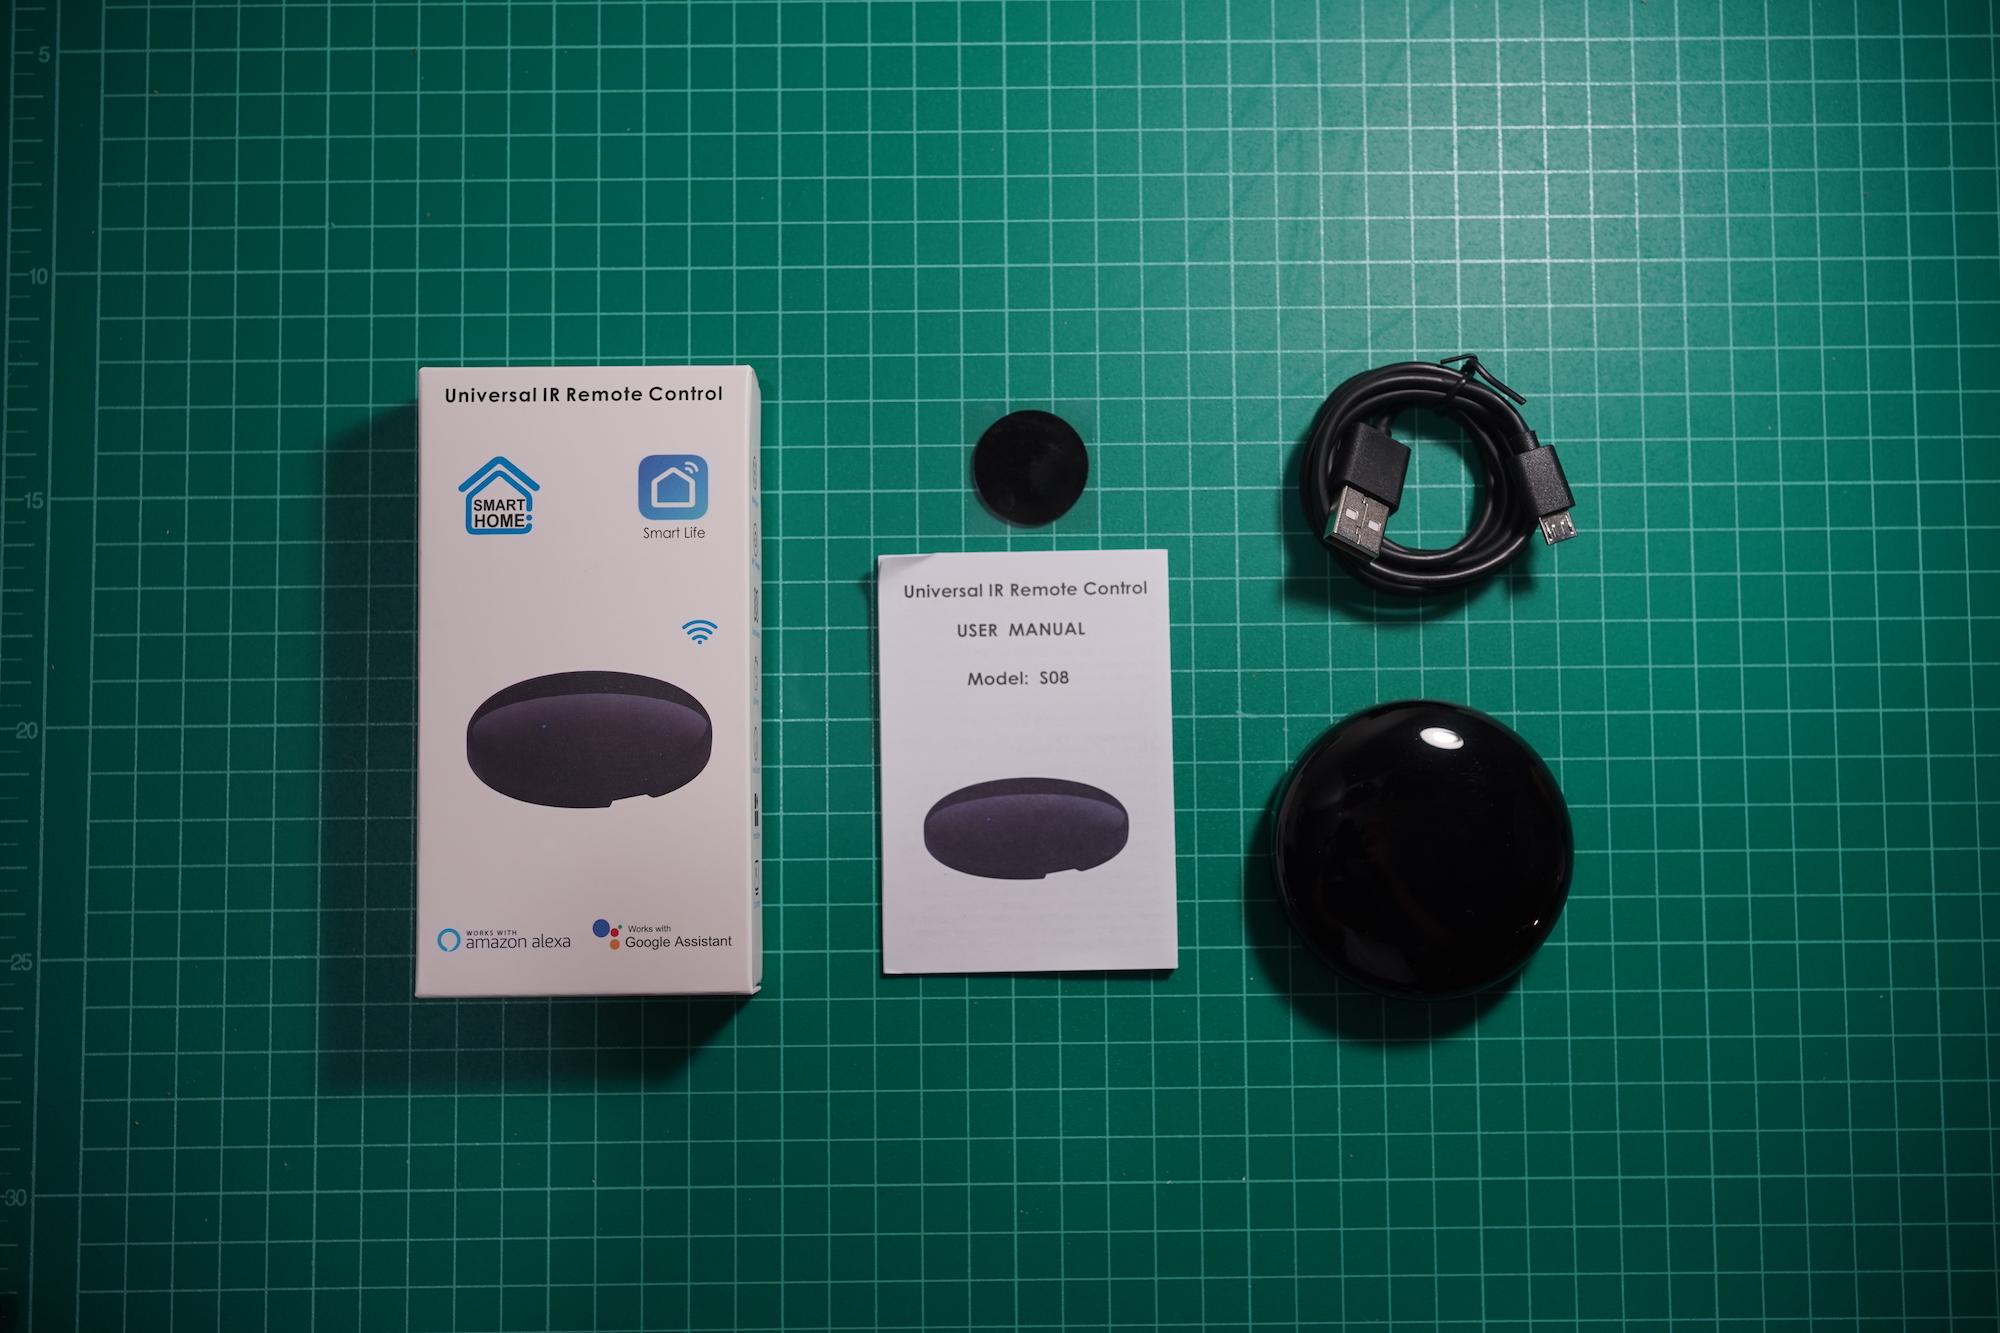 Tuya S08 WiFi IR Remote Inside the box